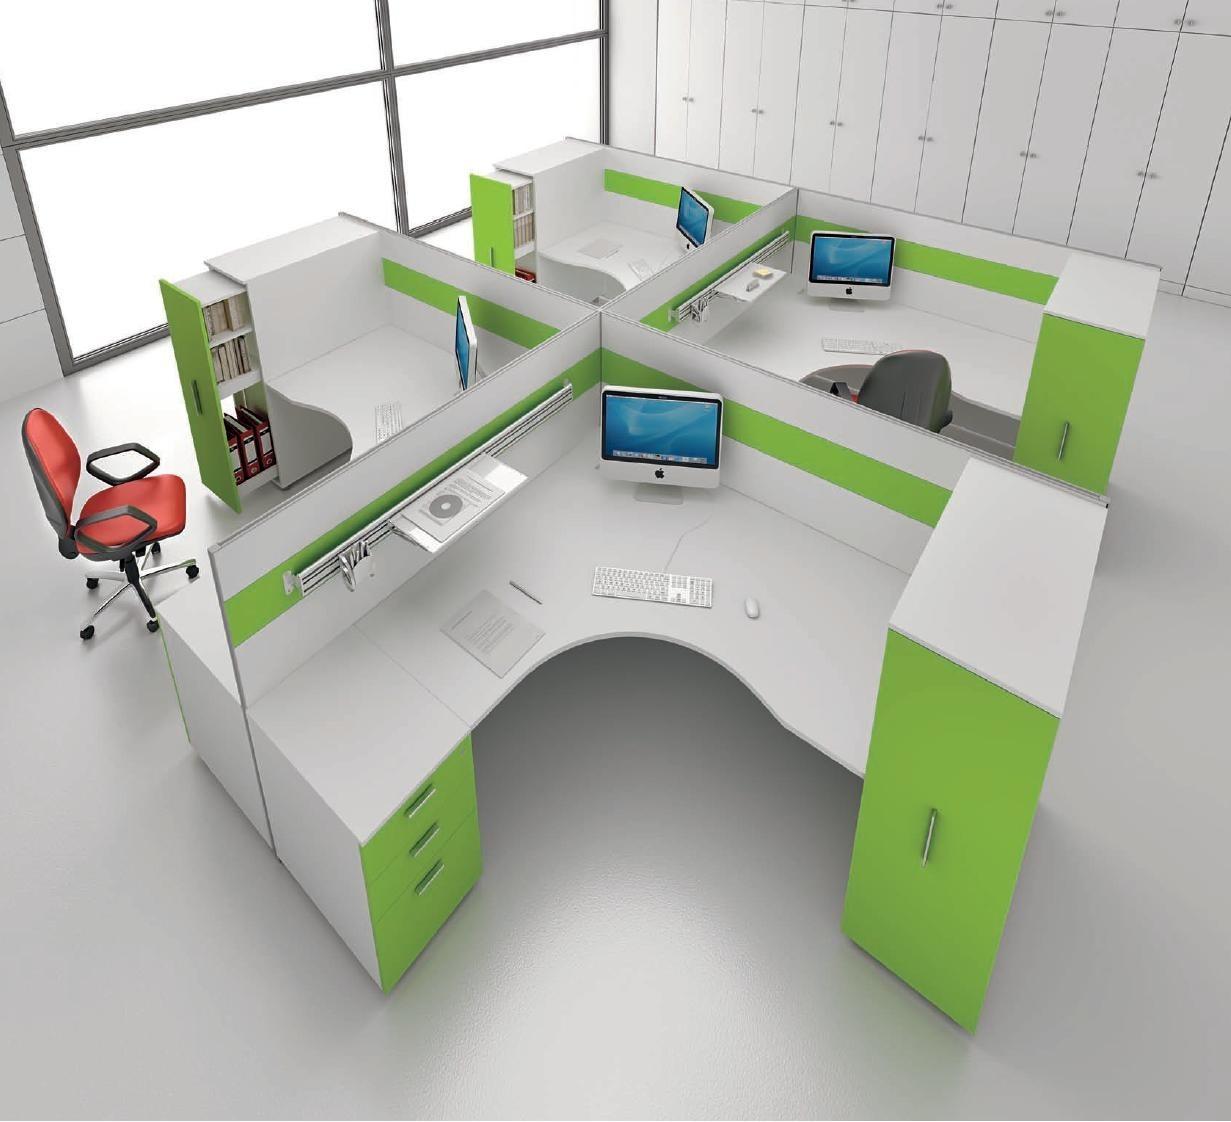 Модерен дизайн работни бюра детелина